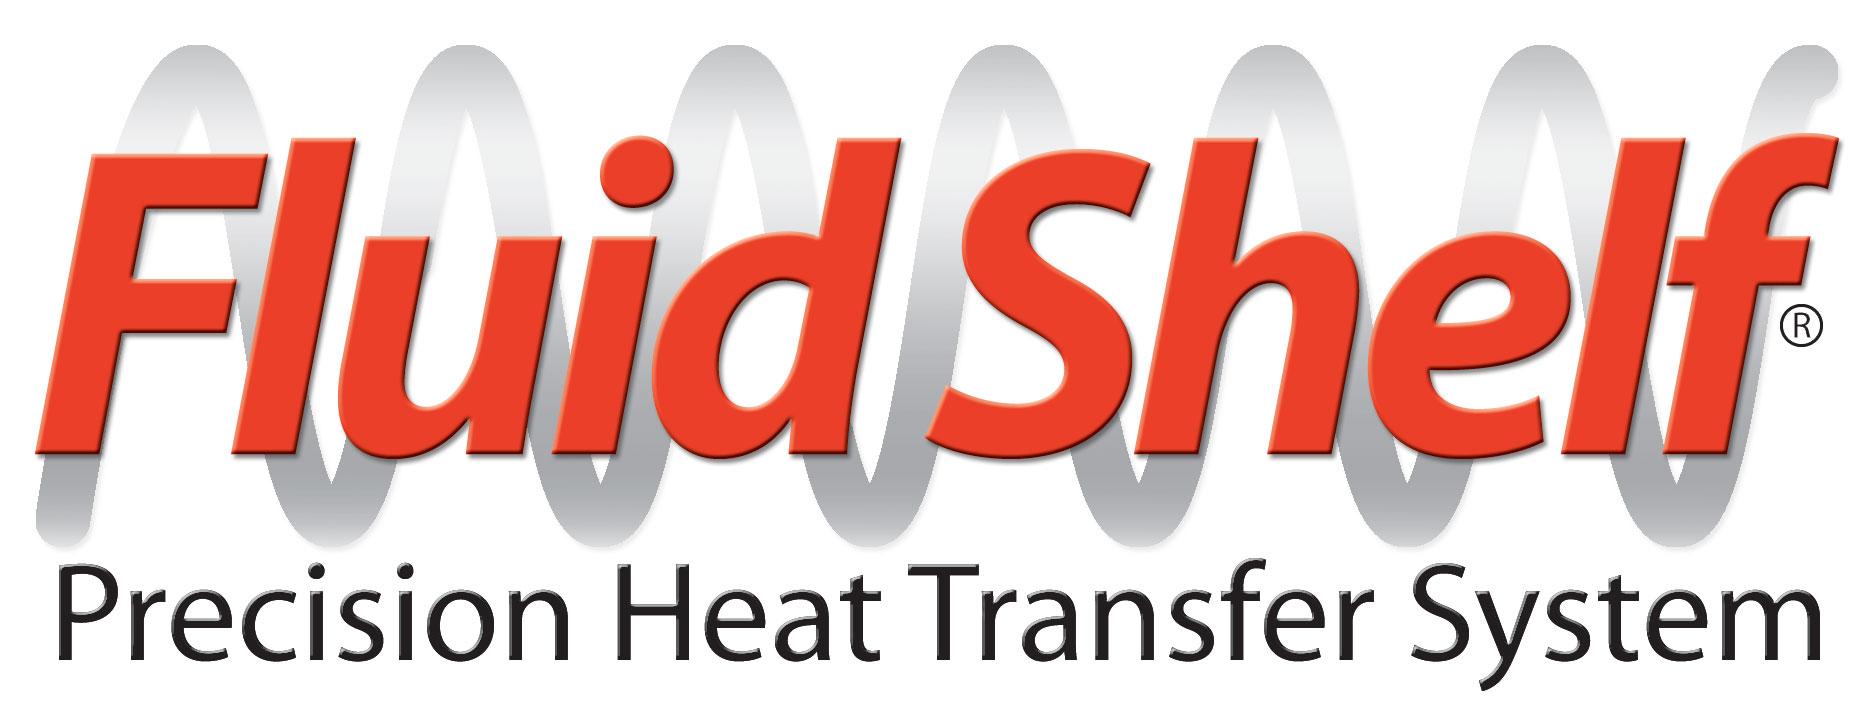 Thermodyne_FluidShelf